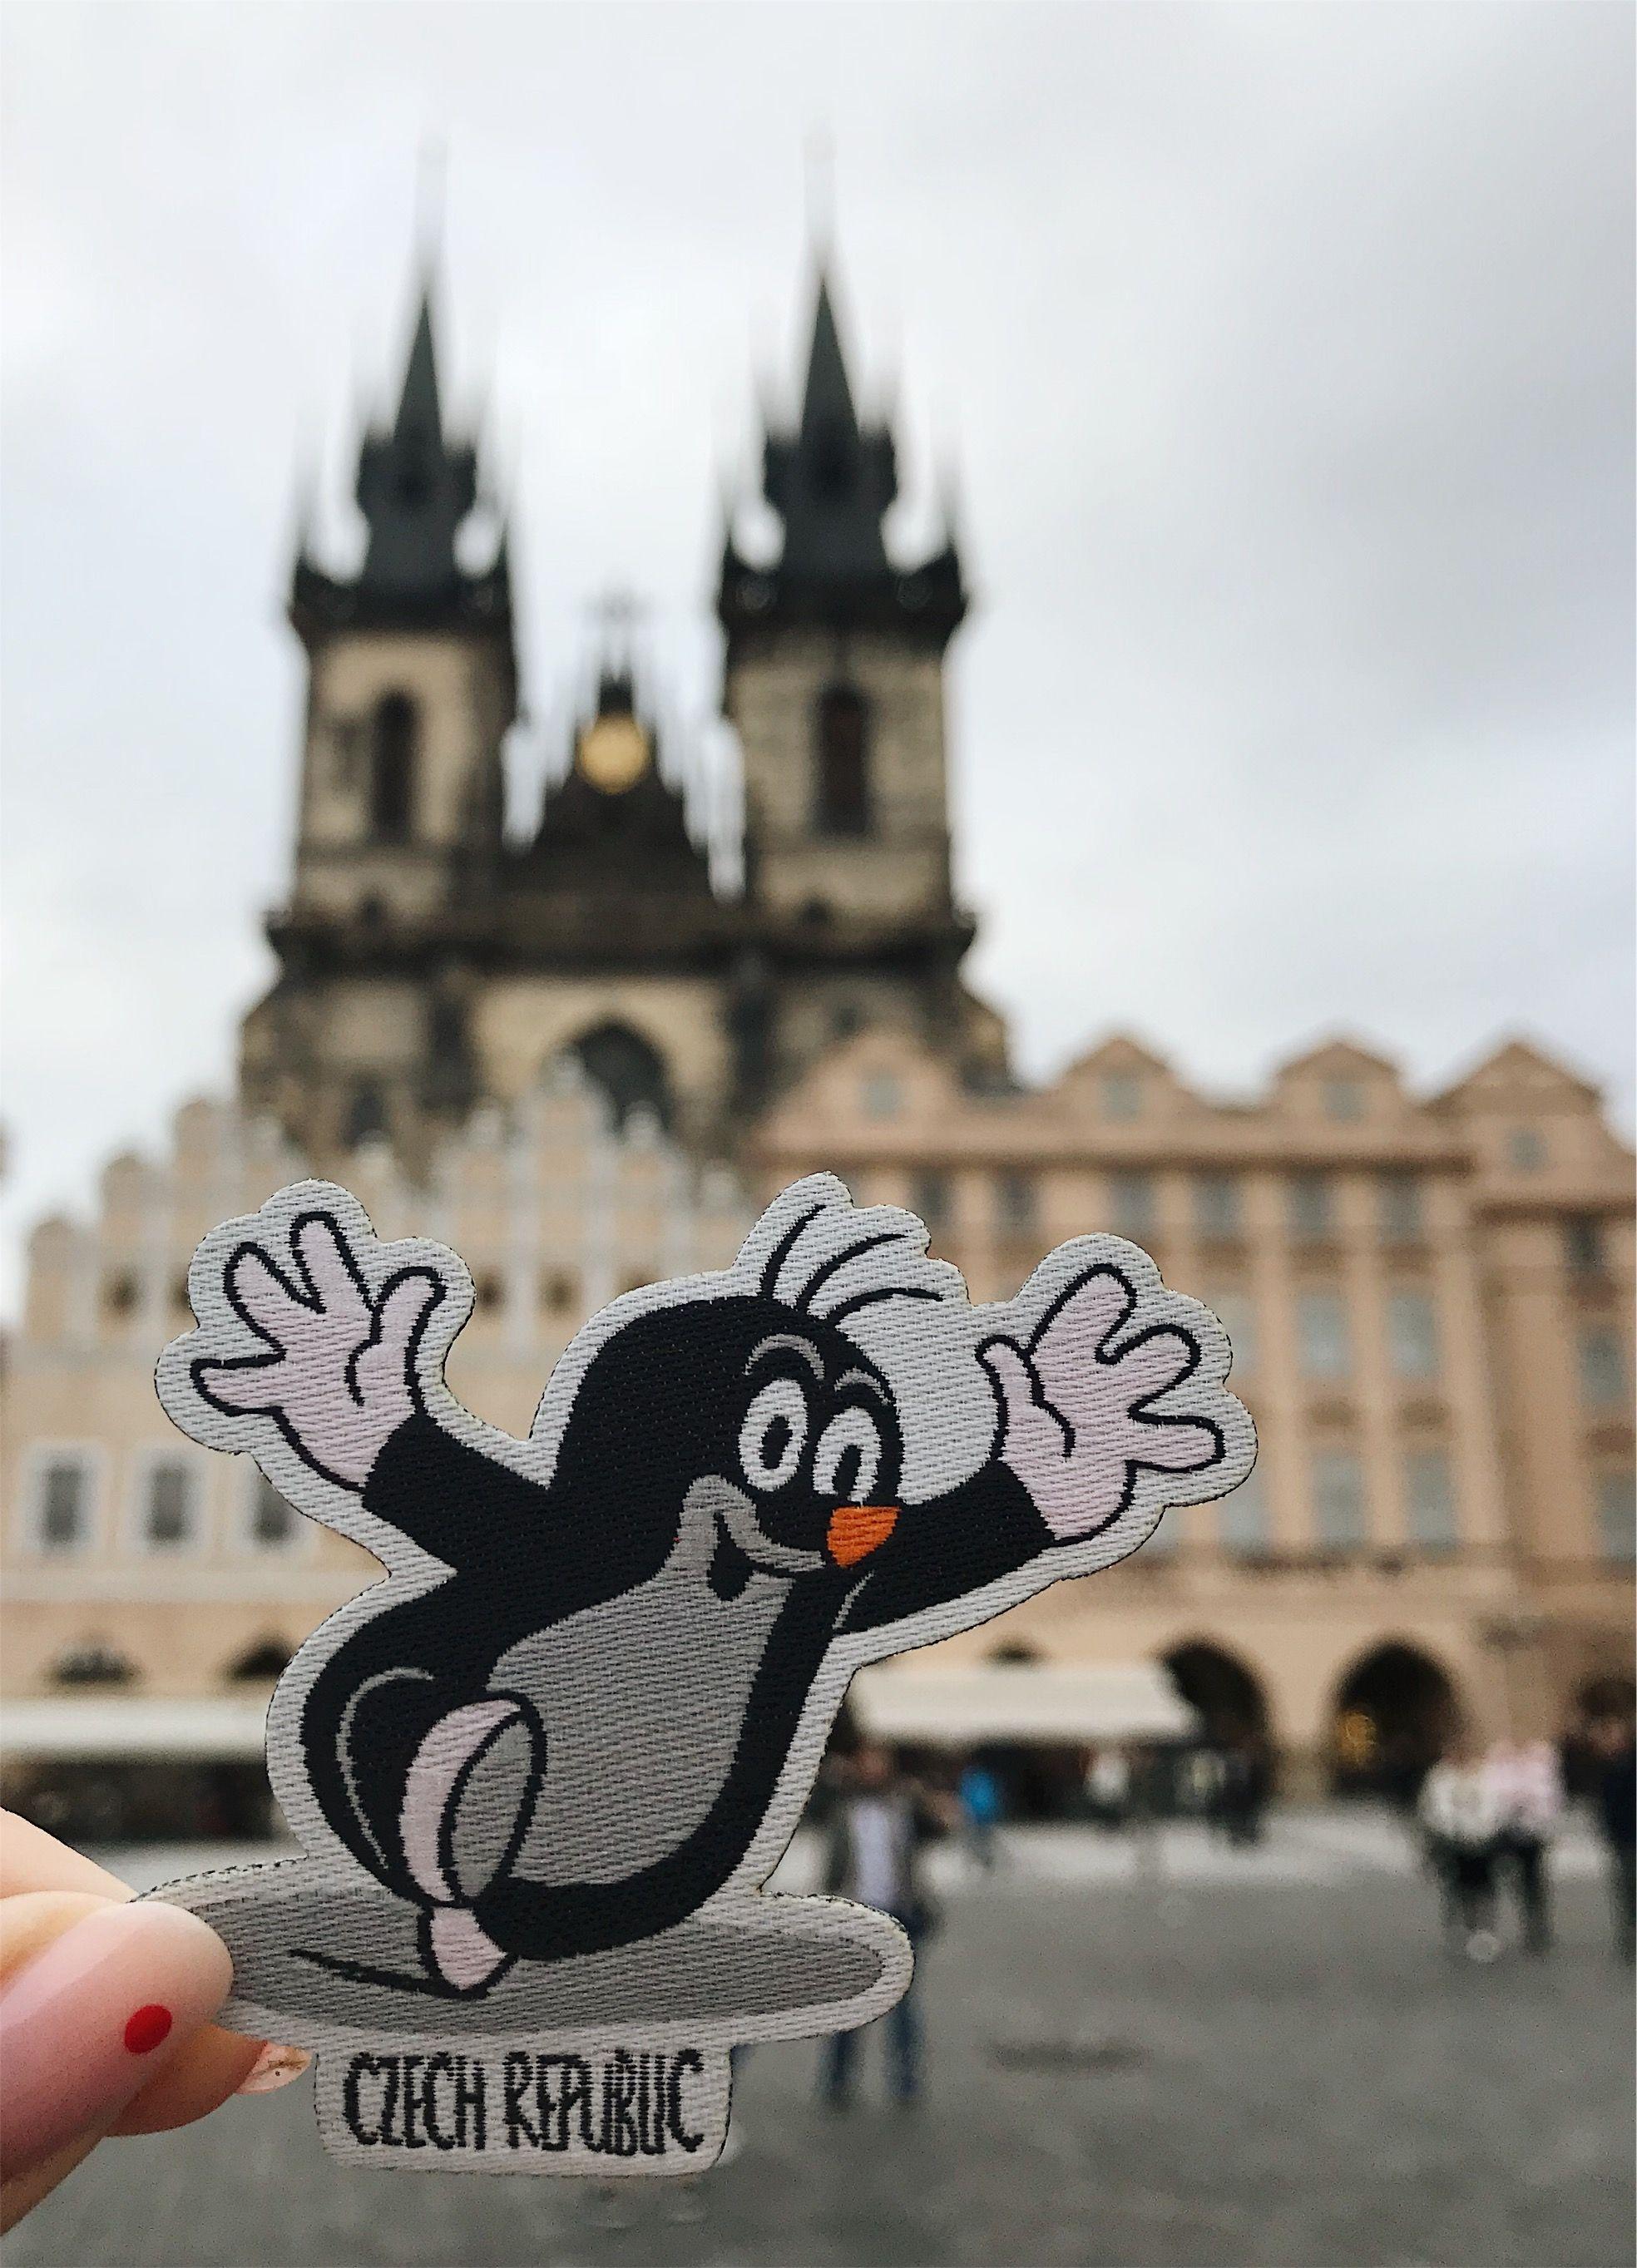 Travel Patch Czech Republic Mole Size 6 2 Cm X 5 6 Cm For Czech Republic We Chose Famous Mole F Travel Patches Iron On Embroidered Patches Czech Republic